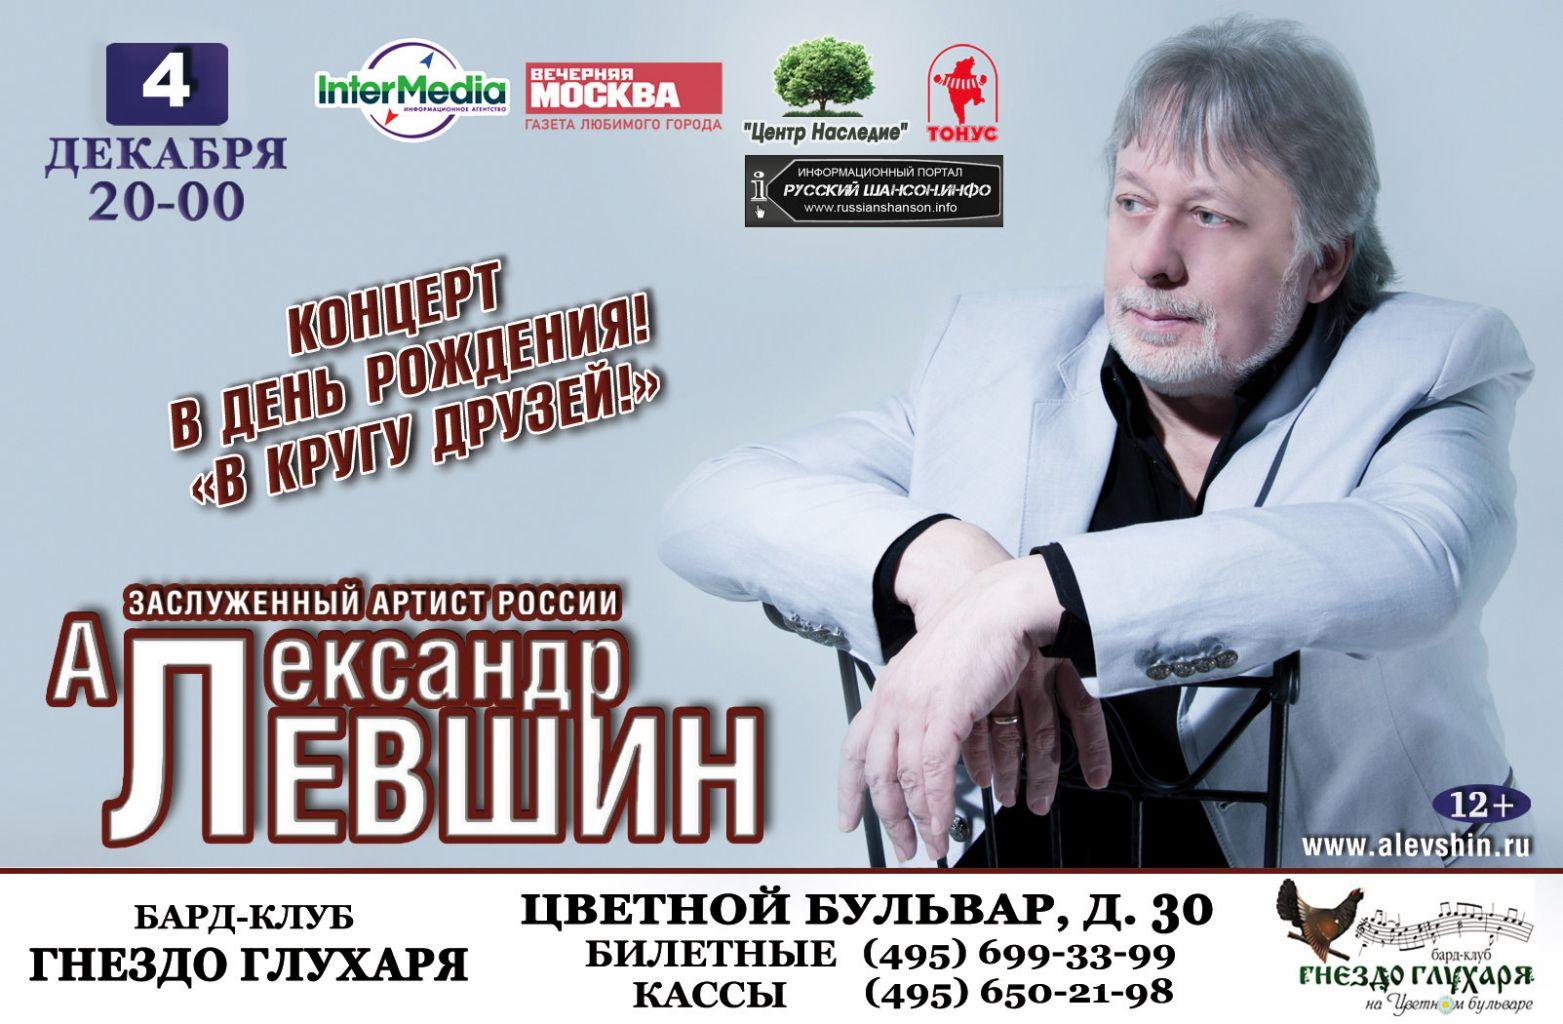 Александр Левшин концерт в день рождения «В кругу друзей» 4 декабря 2014 года